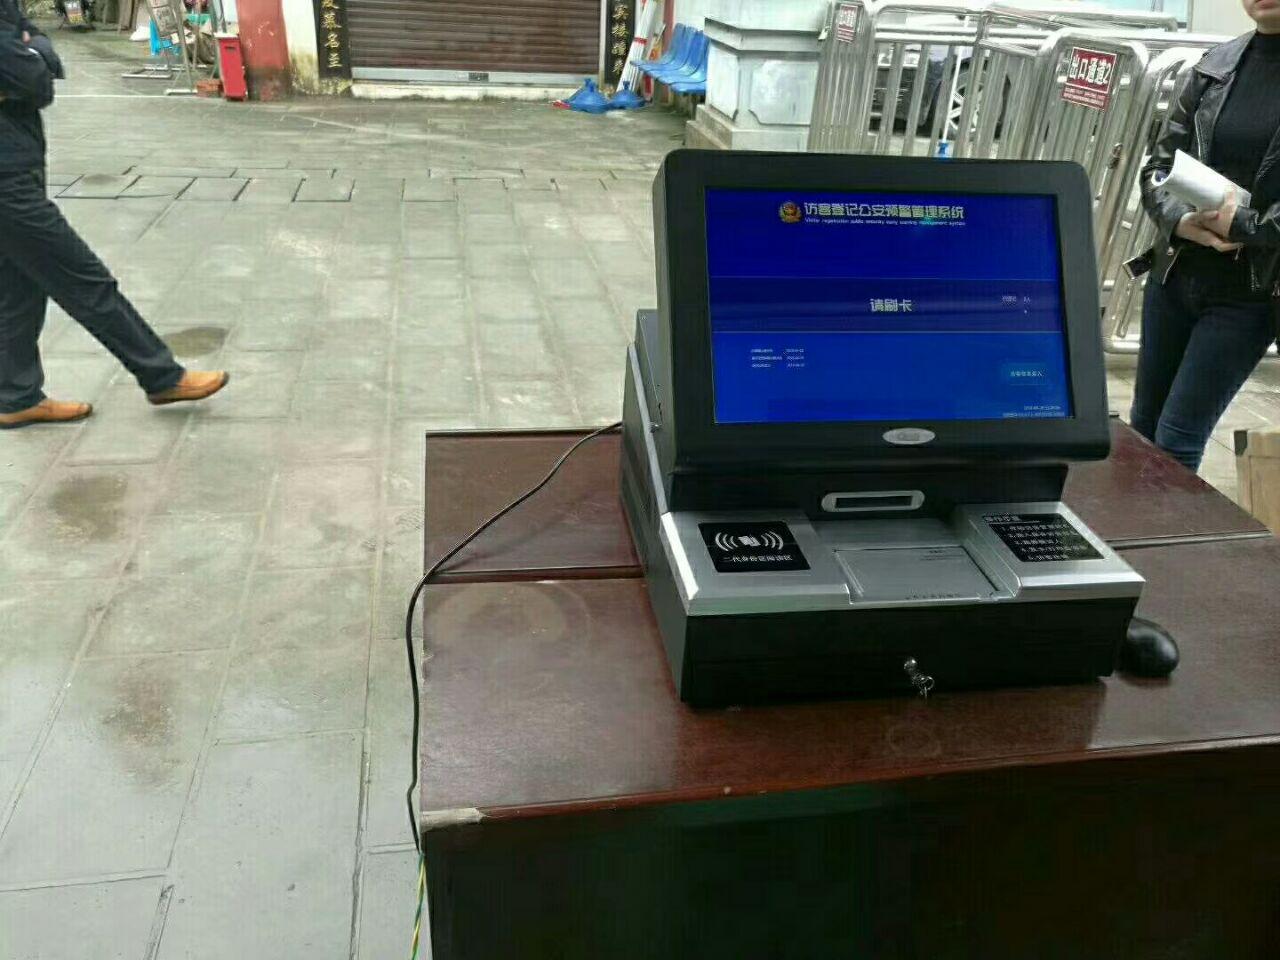 钱林智能门卫登记系统